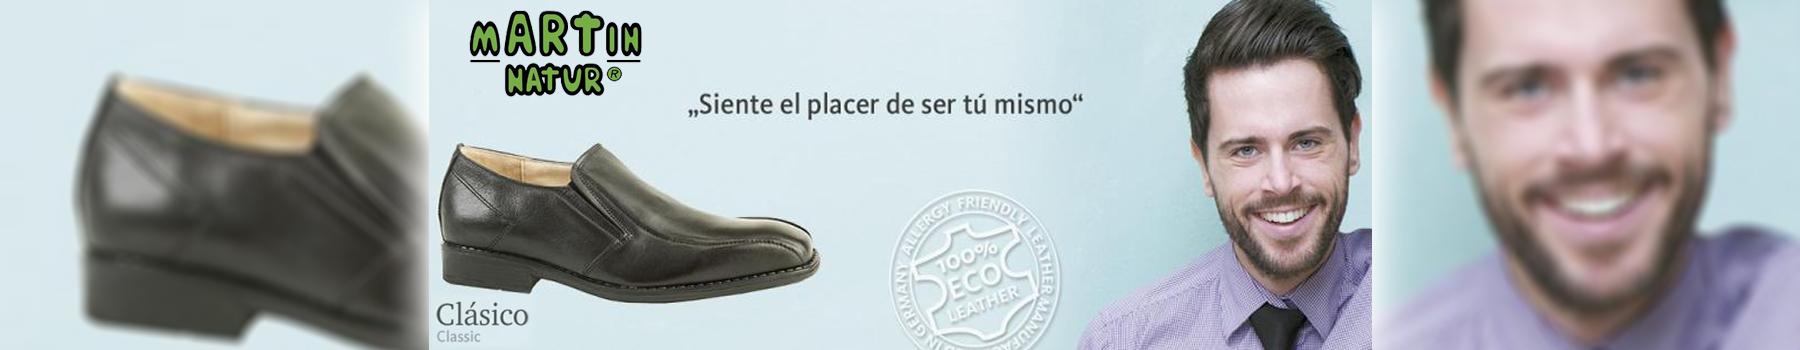 Calzado cómodo Alicante, Zaptos cómodos MURCIA, Calzado cómodo MADRID, Calzado cómodo BARCELONA